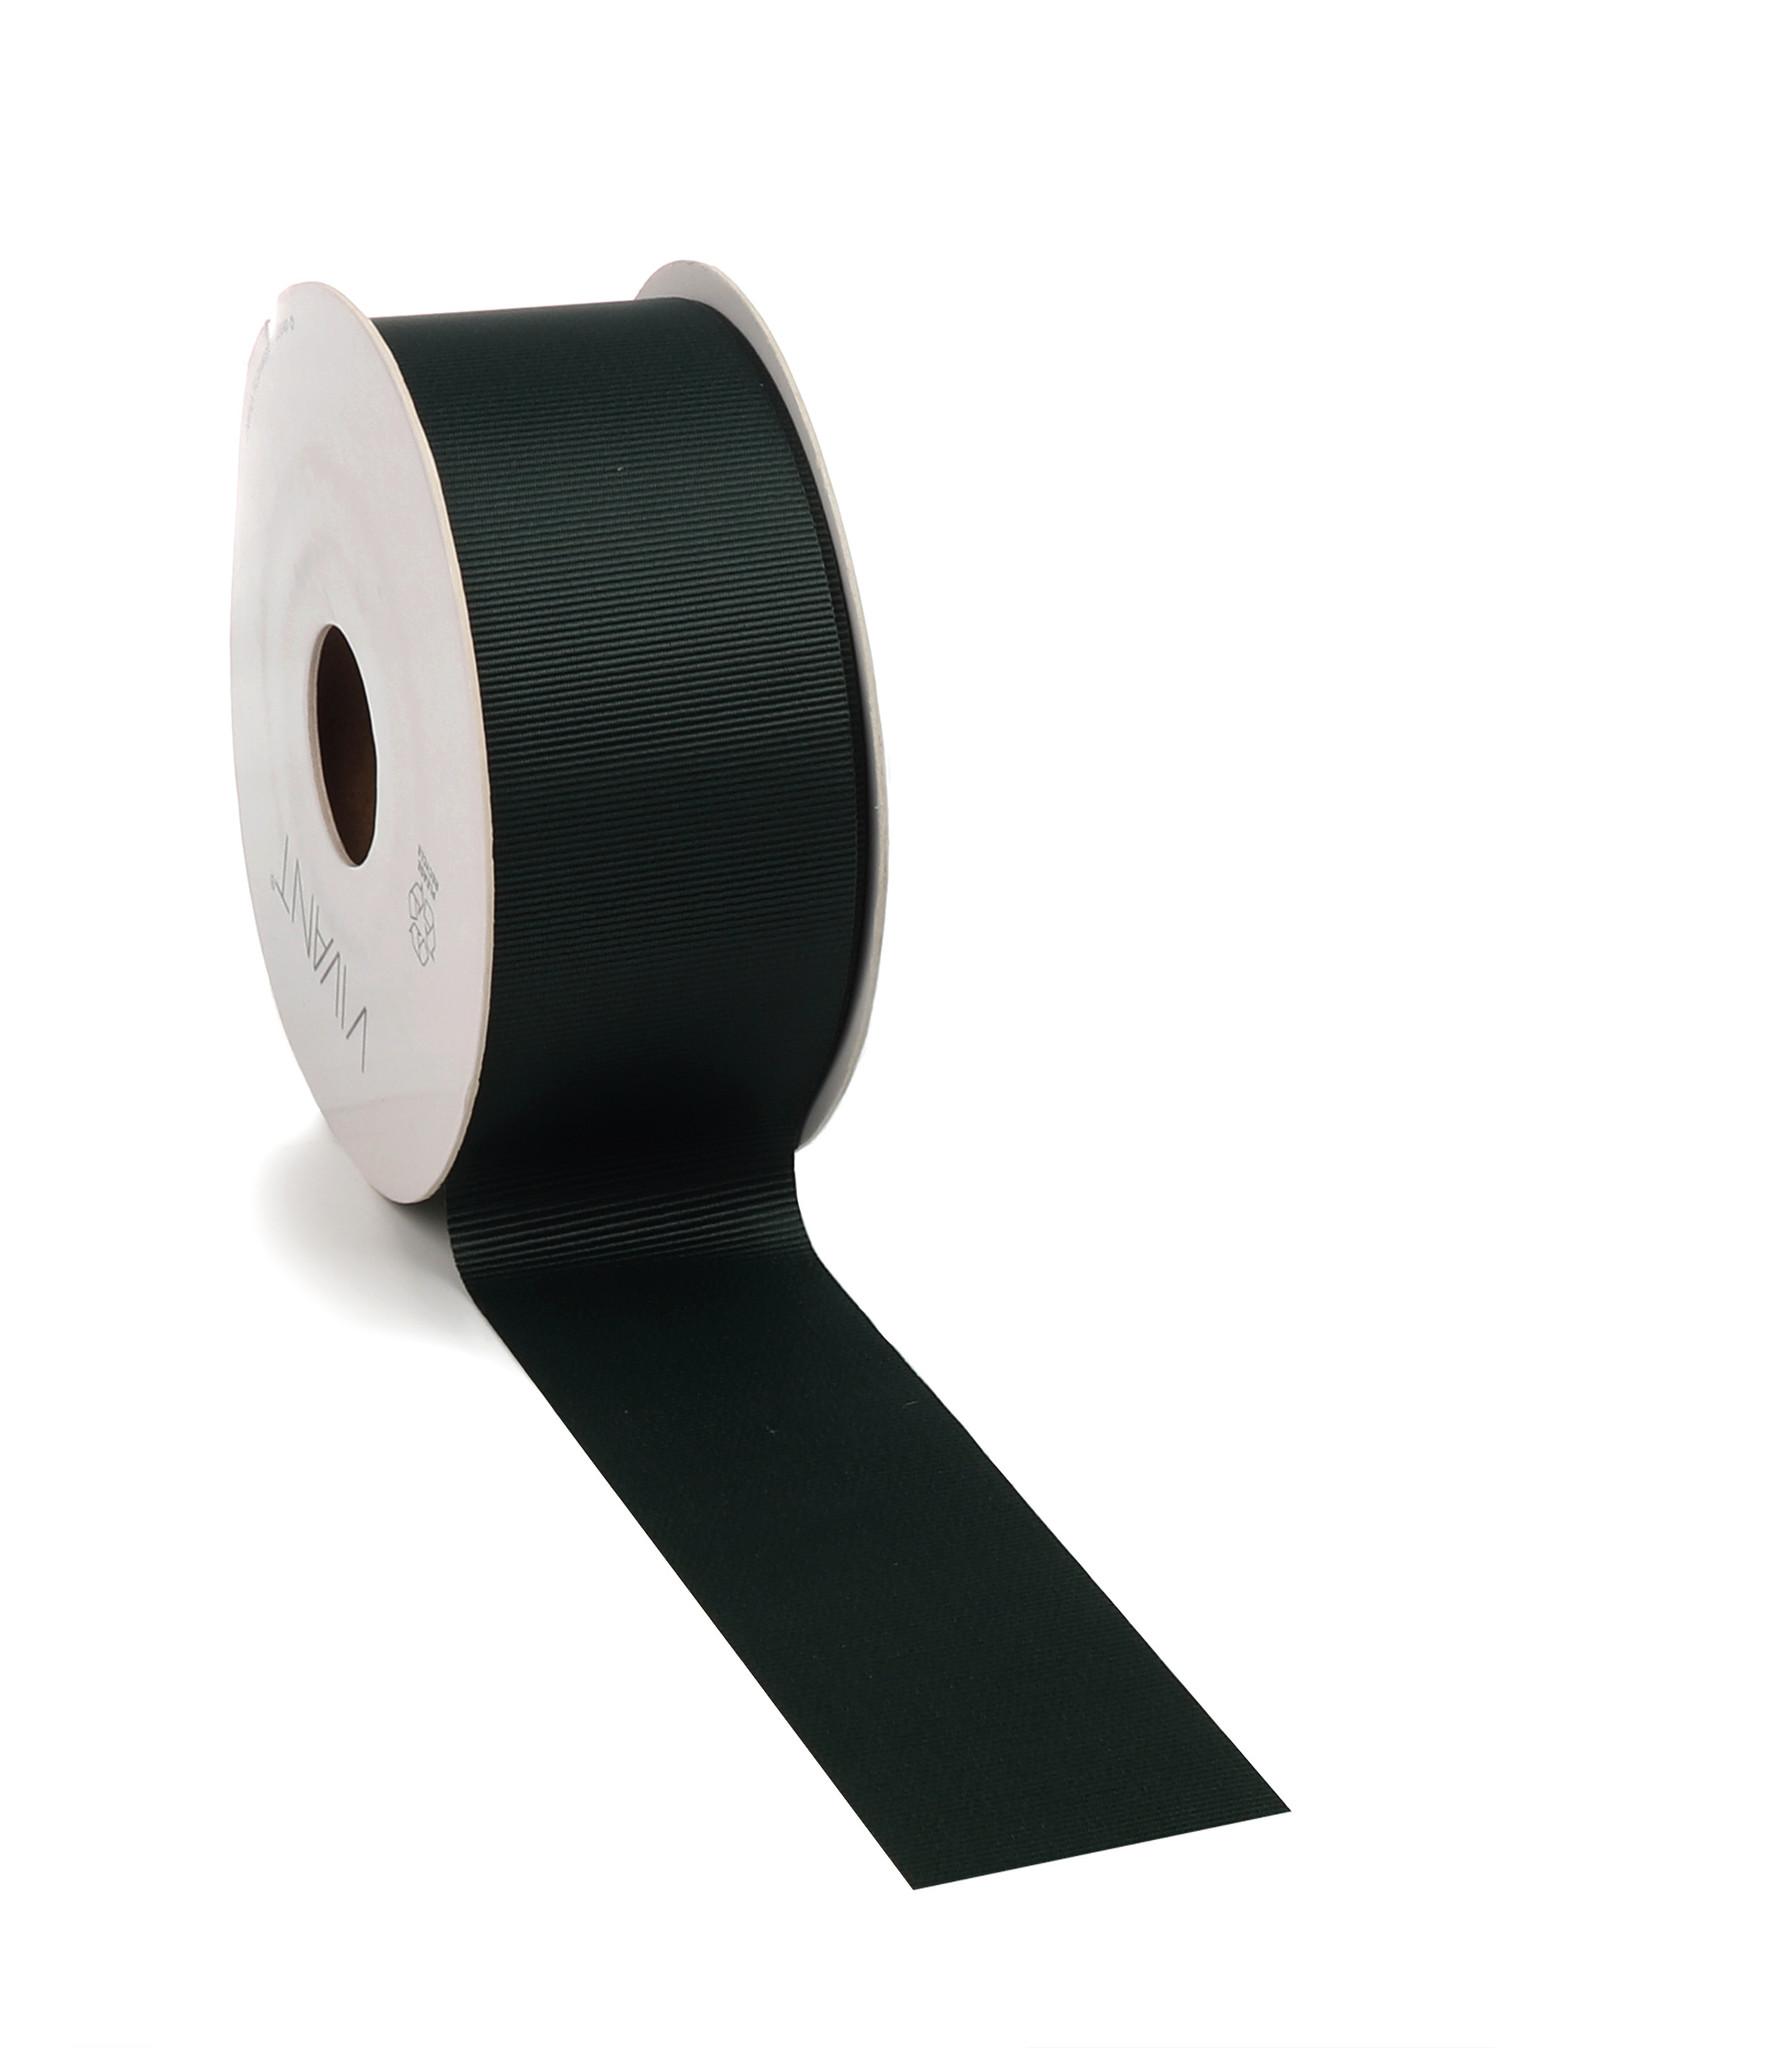 Gigi Ribbon - Dark green